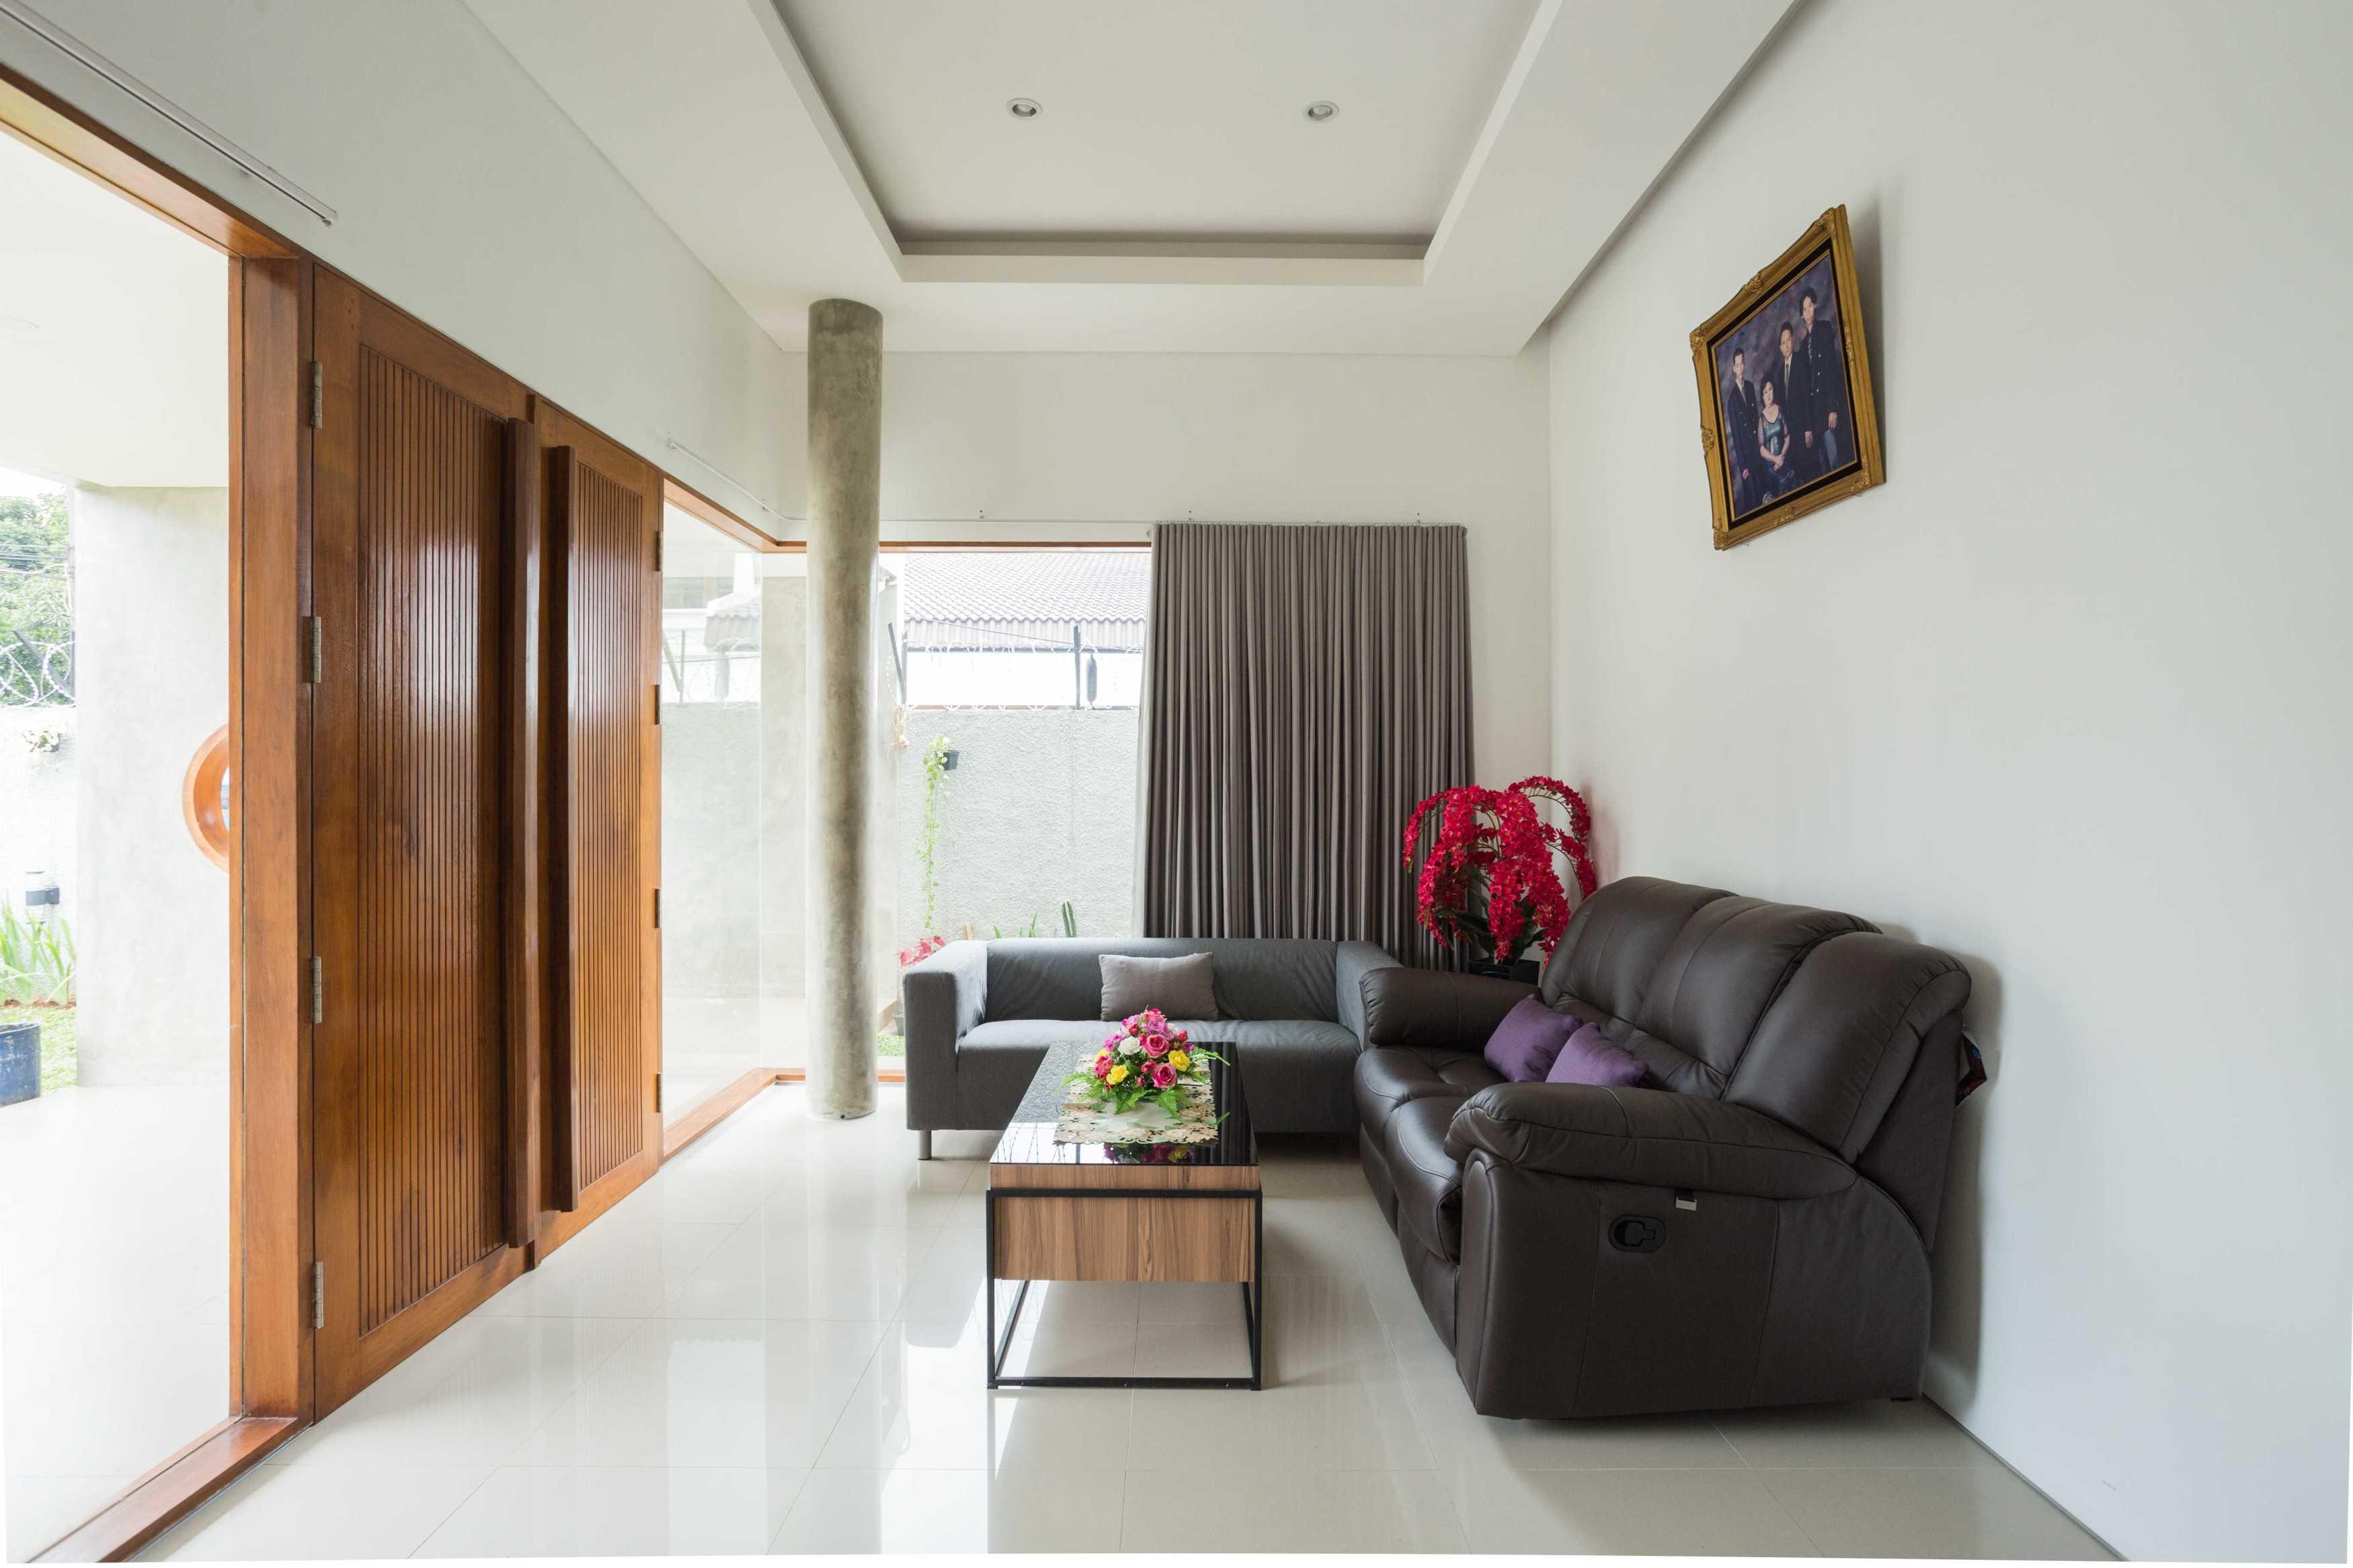 Guntur Haryadi Architecture Studio Ni House Depok, Kota Depok, Jawa Barat, Indonesia Depok, Kota Depok, Jawa Barat, Indonesia Guntur-Haryadi-Architecture-Studio-Ni-House   62613